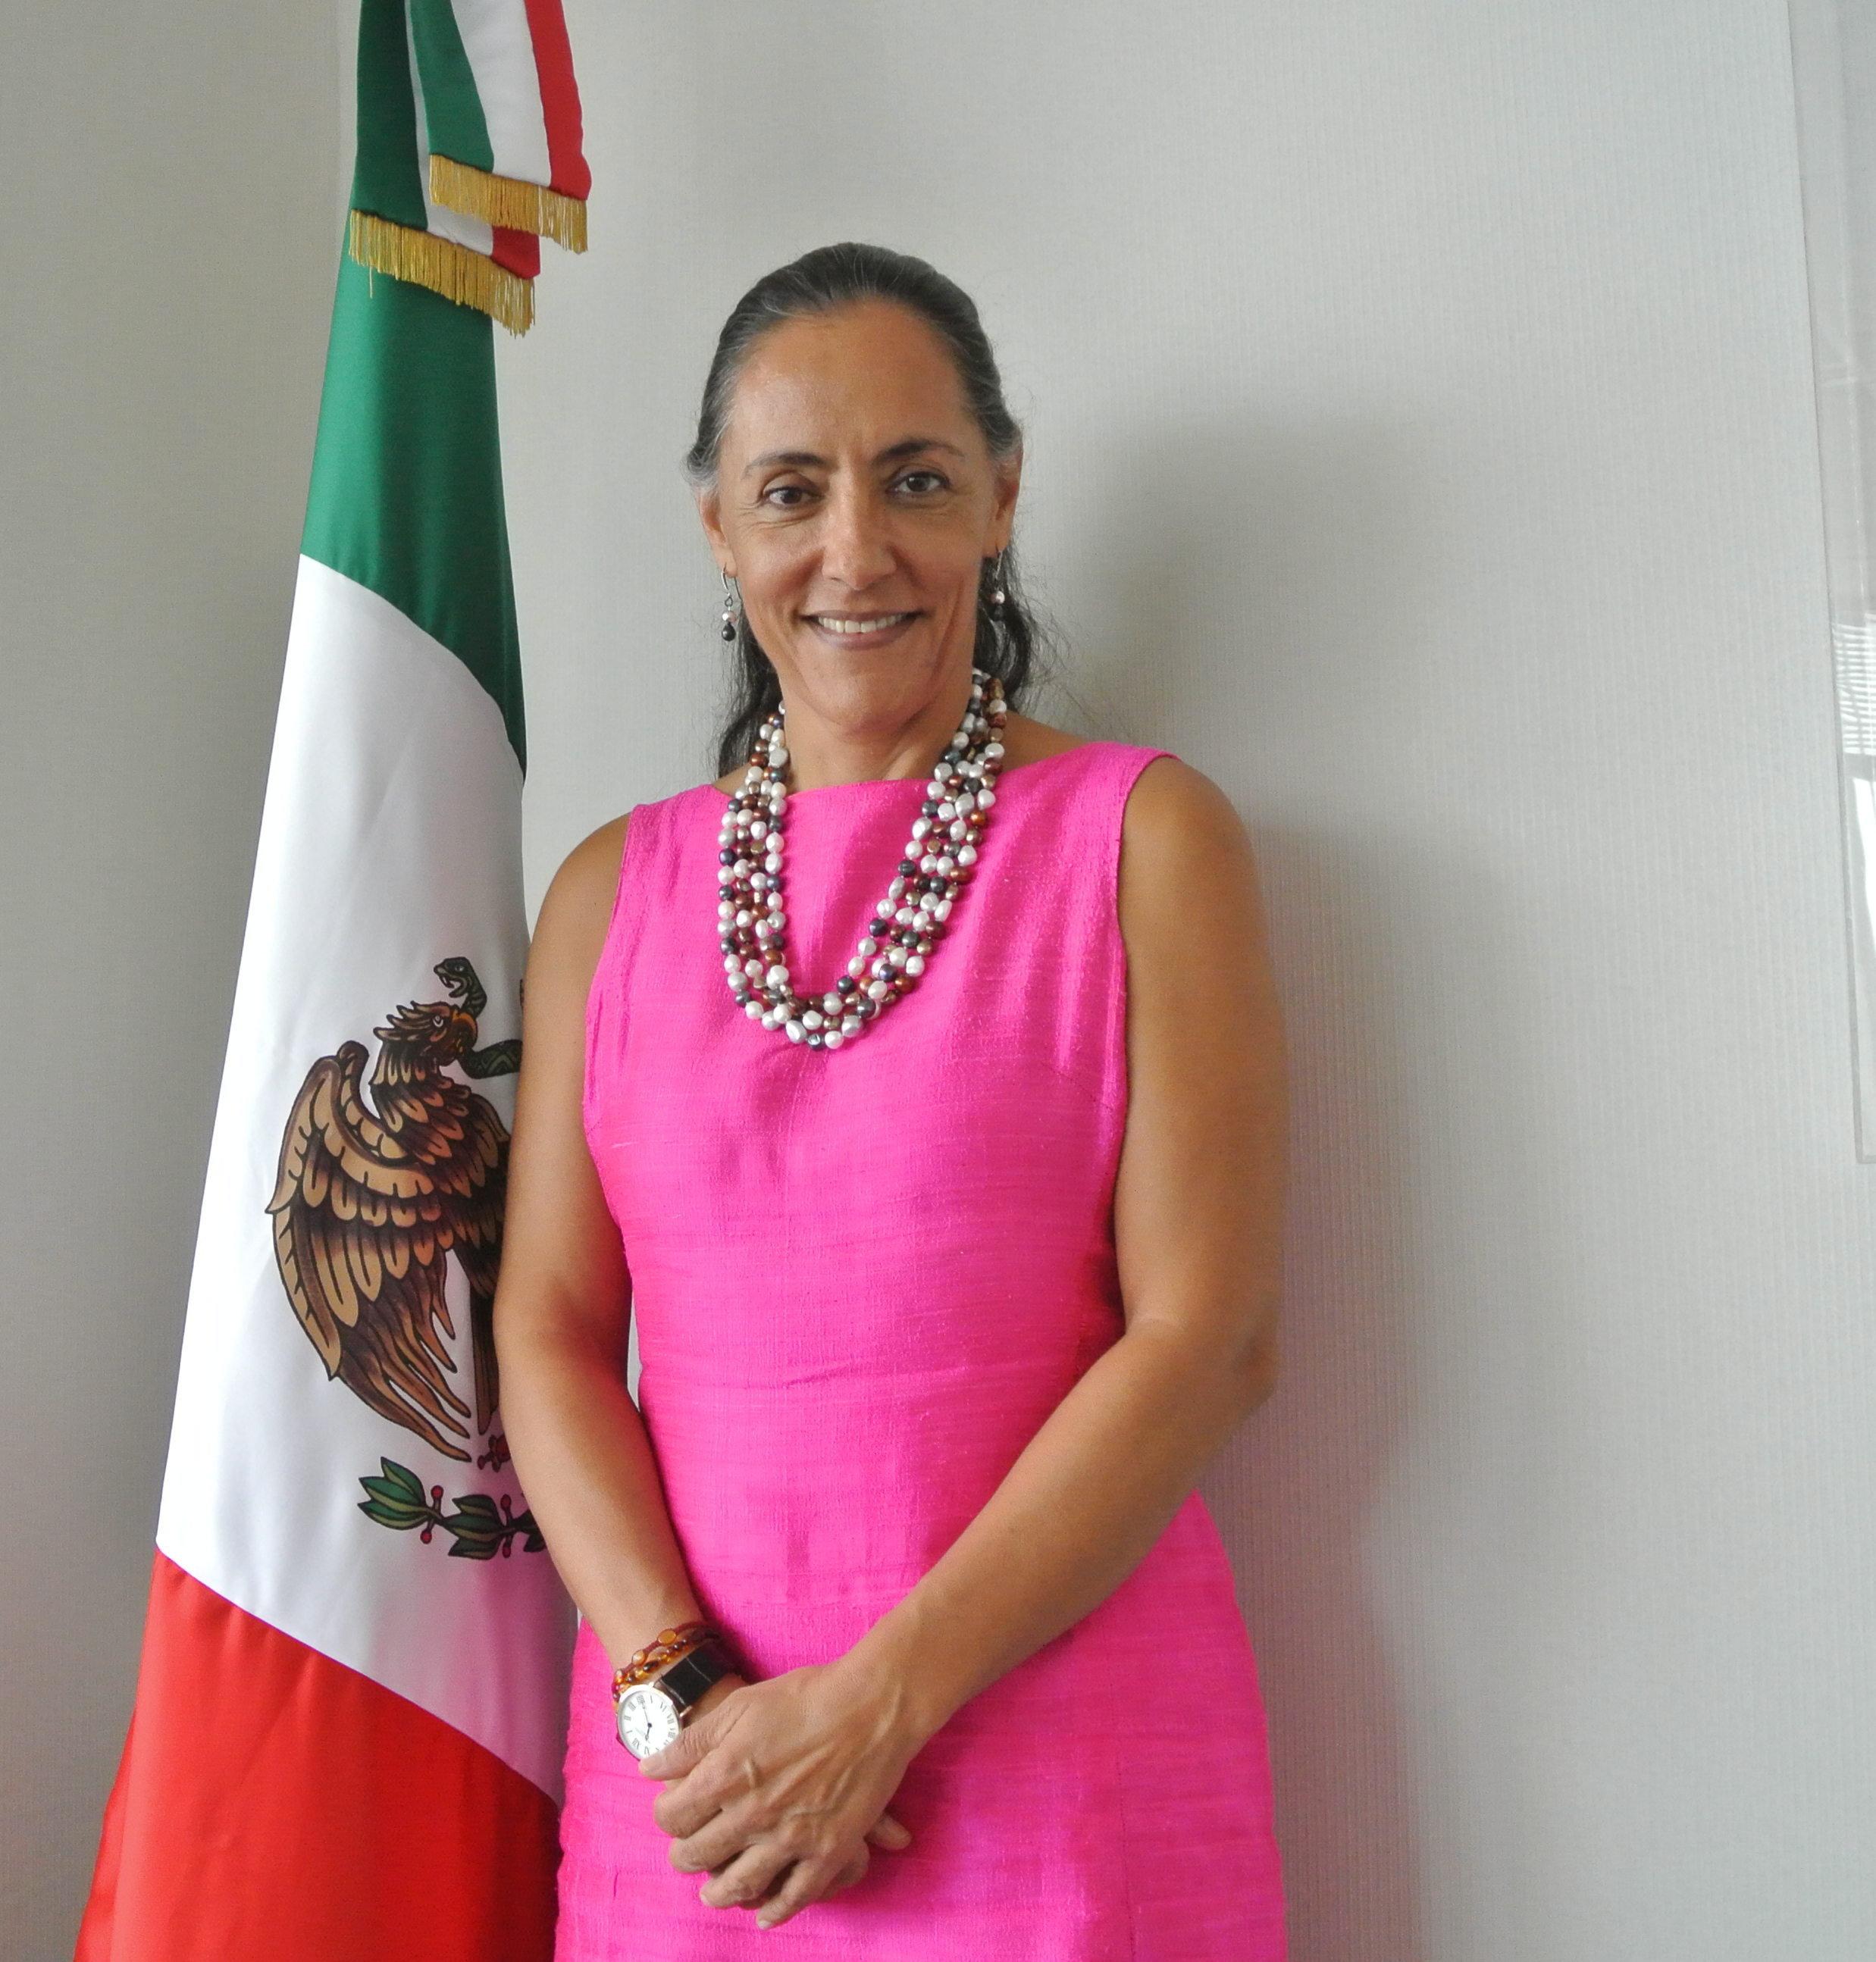 A embaixadora mexicana na Índia, H.E. Melba Pria